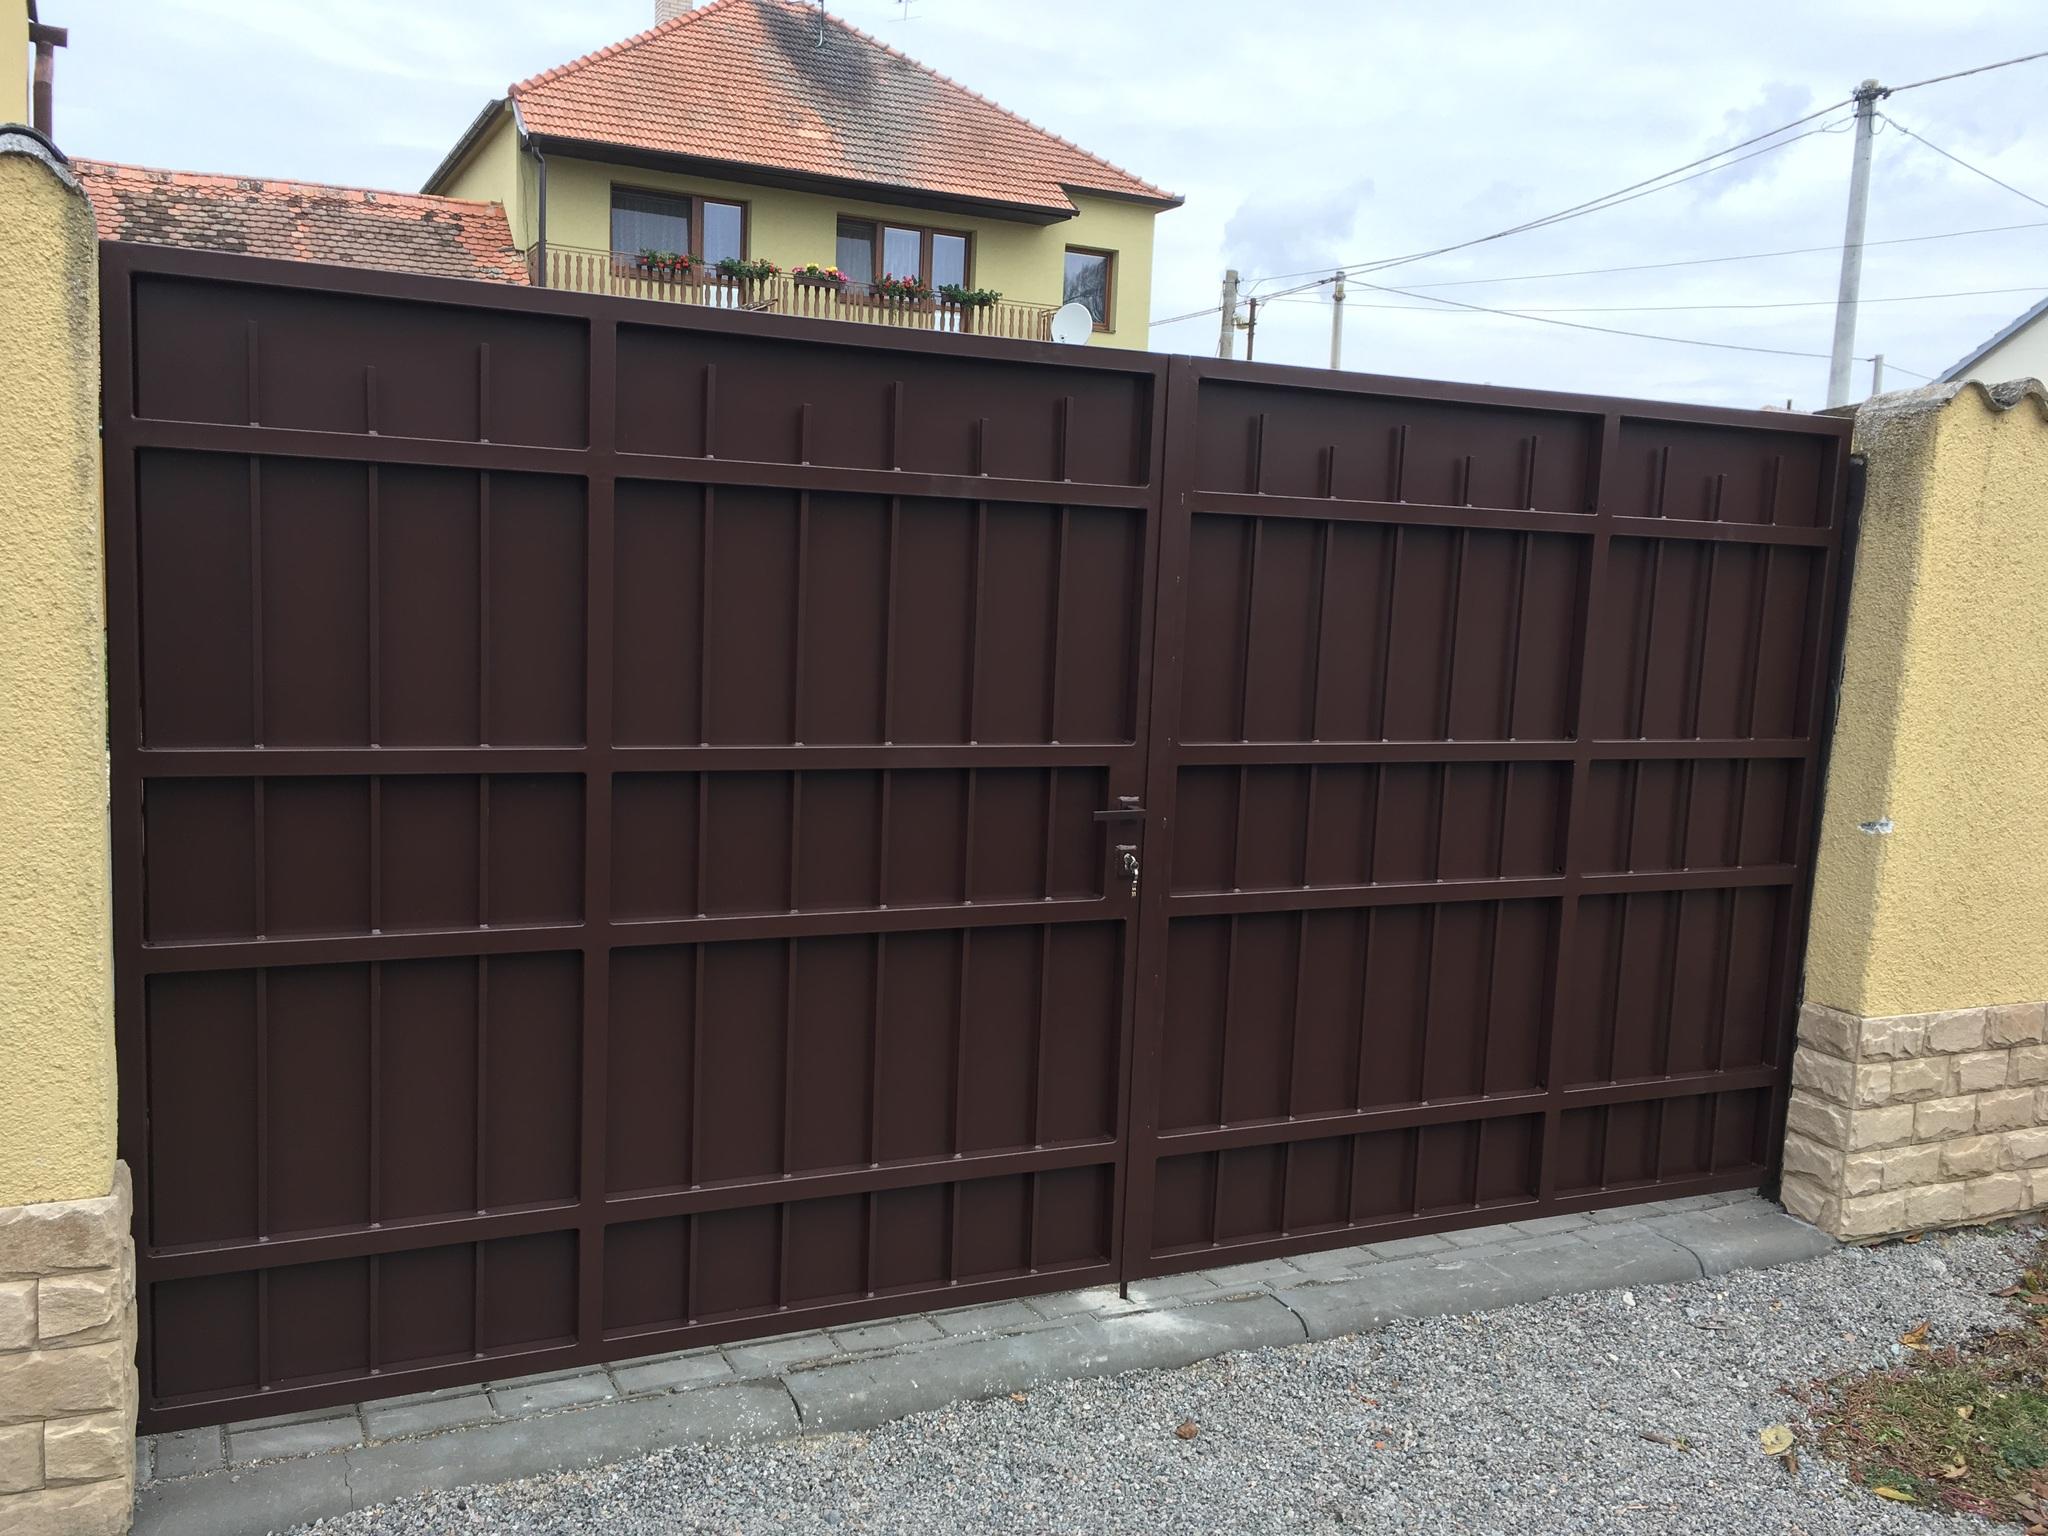 Brána, hladké profily, konstrukce žárový zinek, pozinkovaný plech a barva